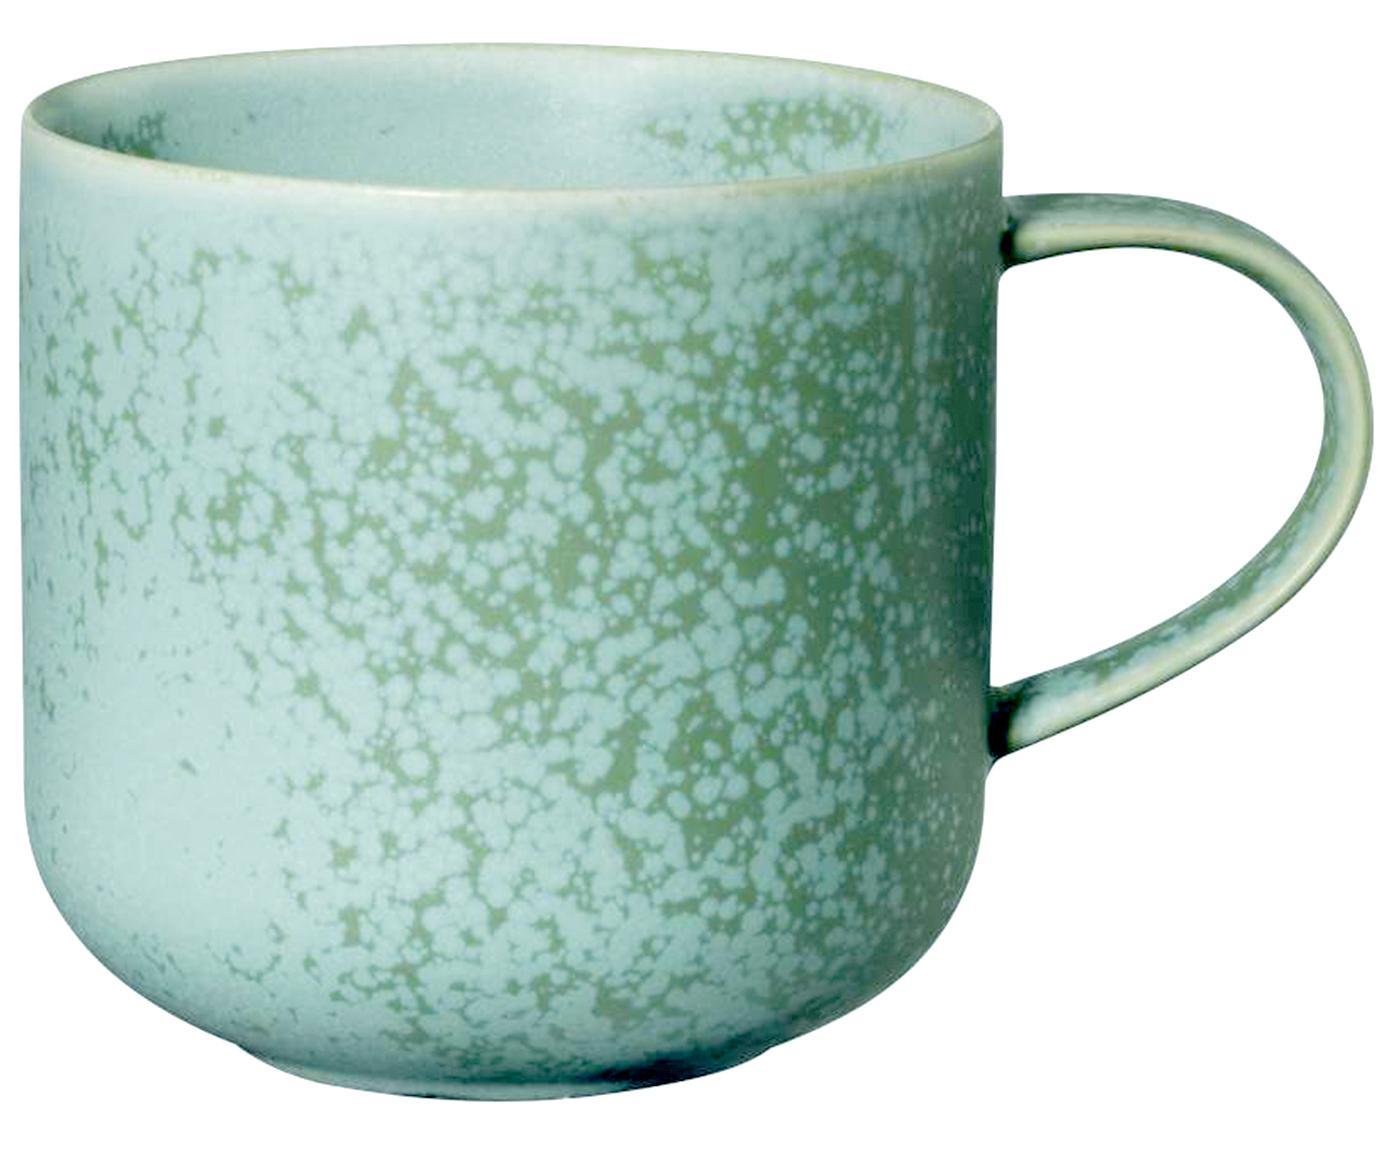 Tazas artesanales Coppa, 2uds., Porcelana, Tonos verde menta, 400 ml